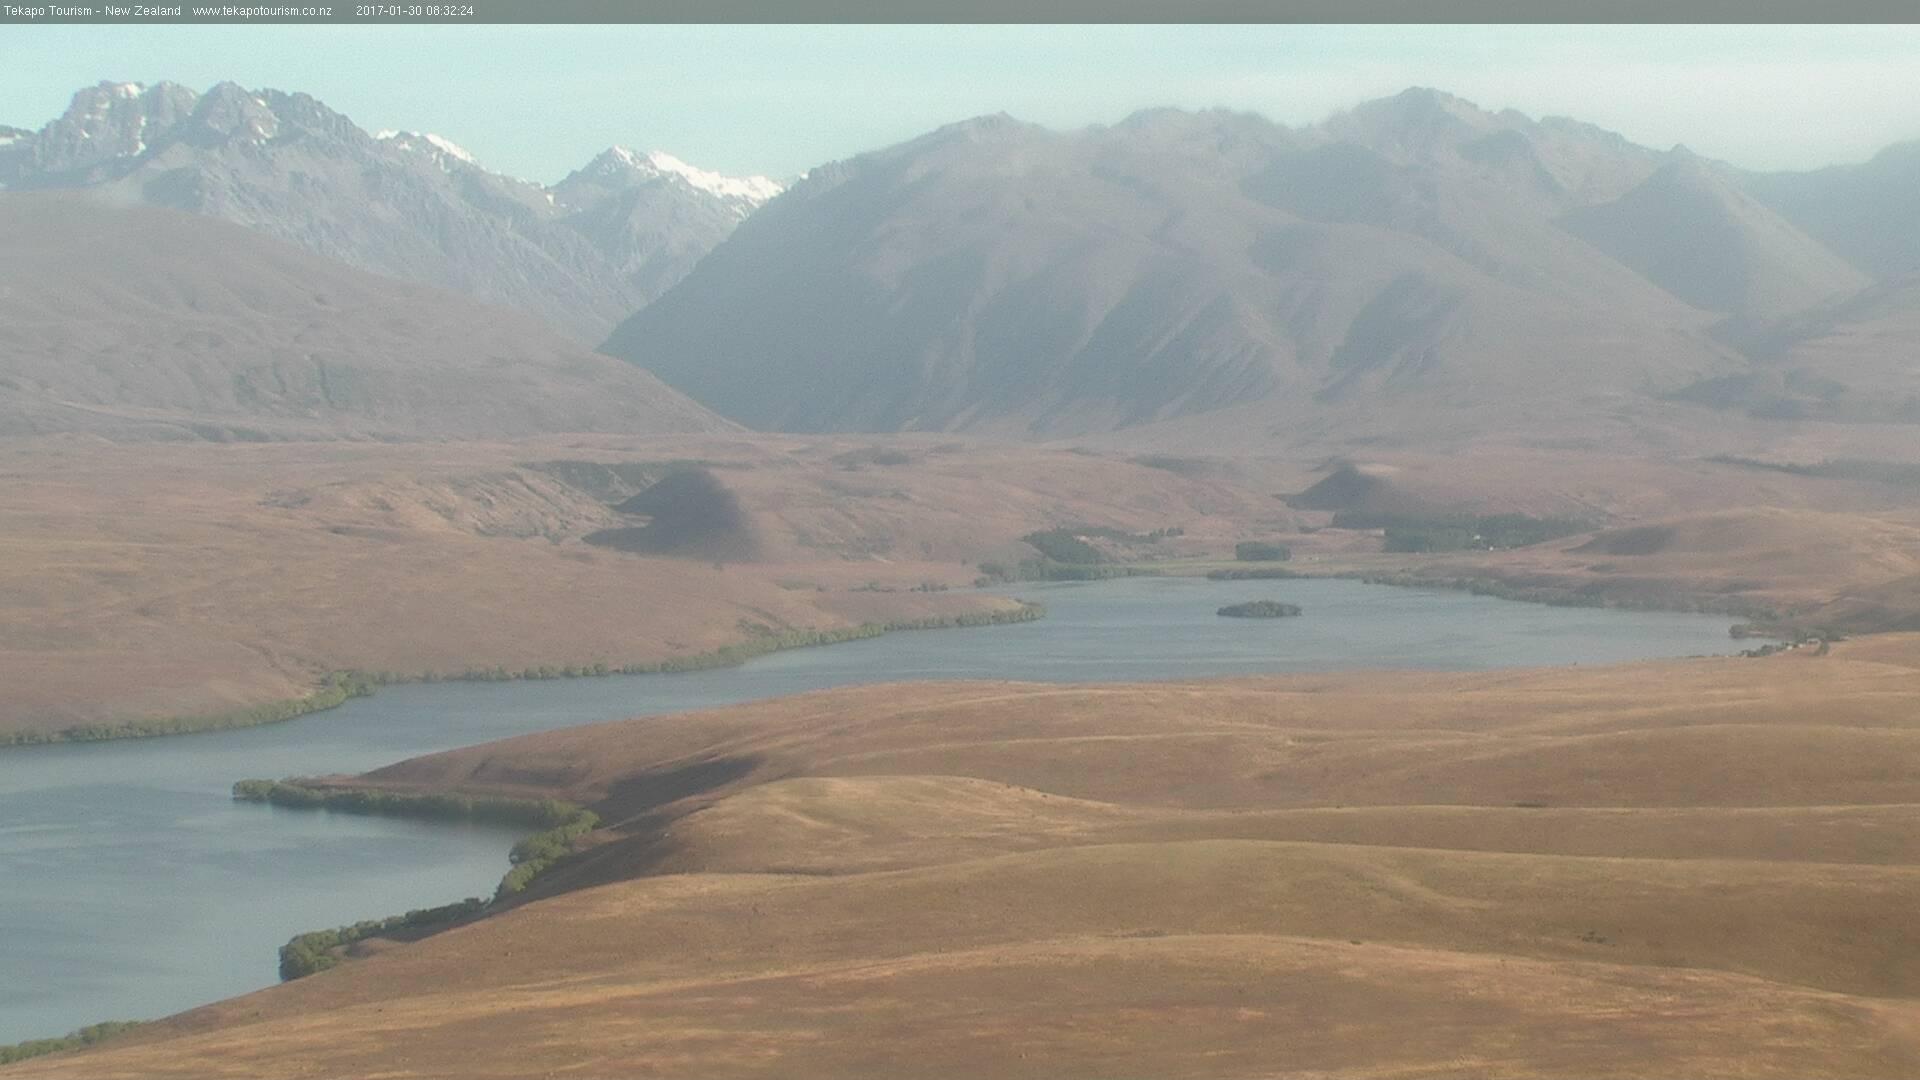 webcam Lake Alexandrina Tekapo